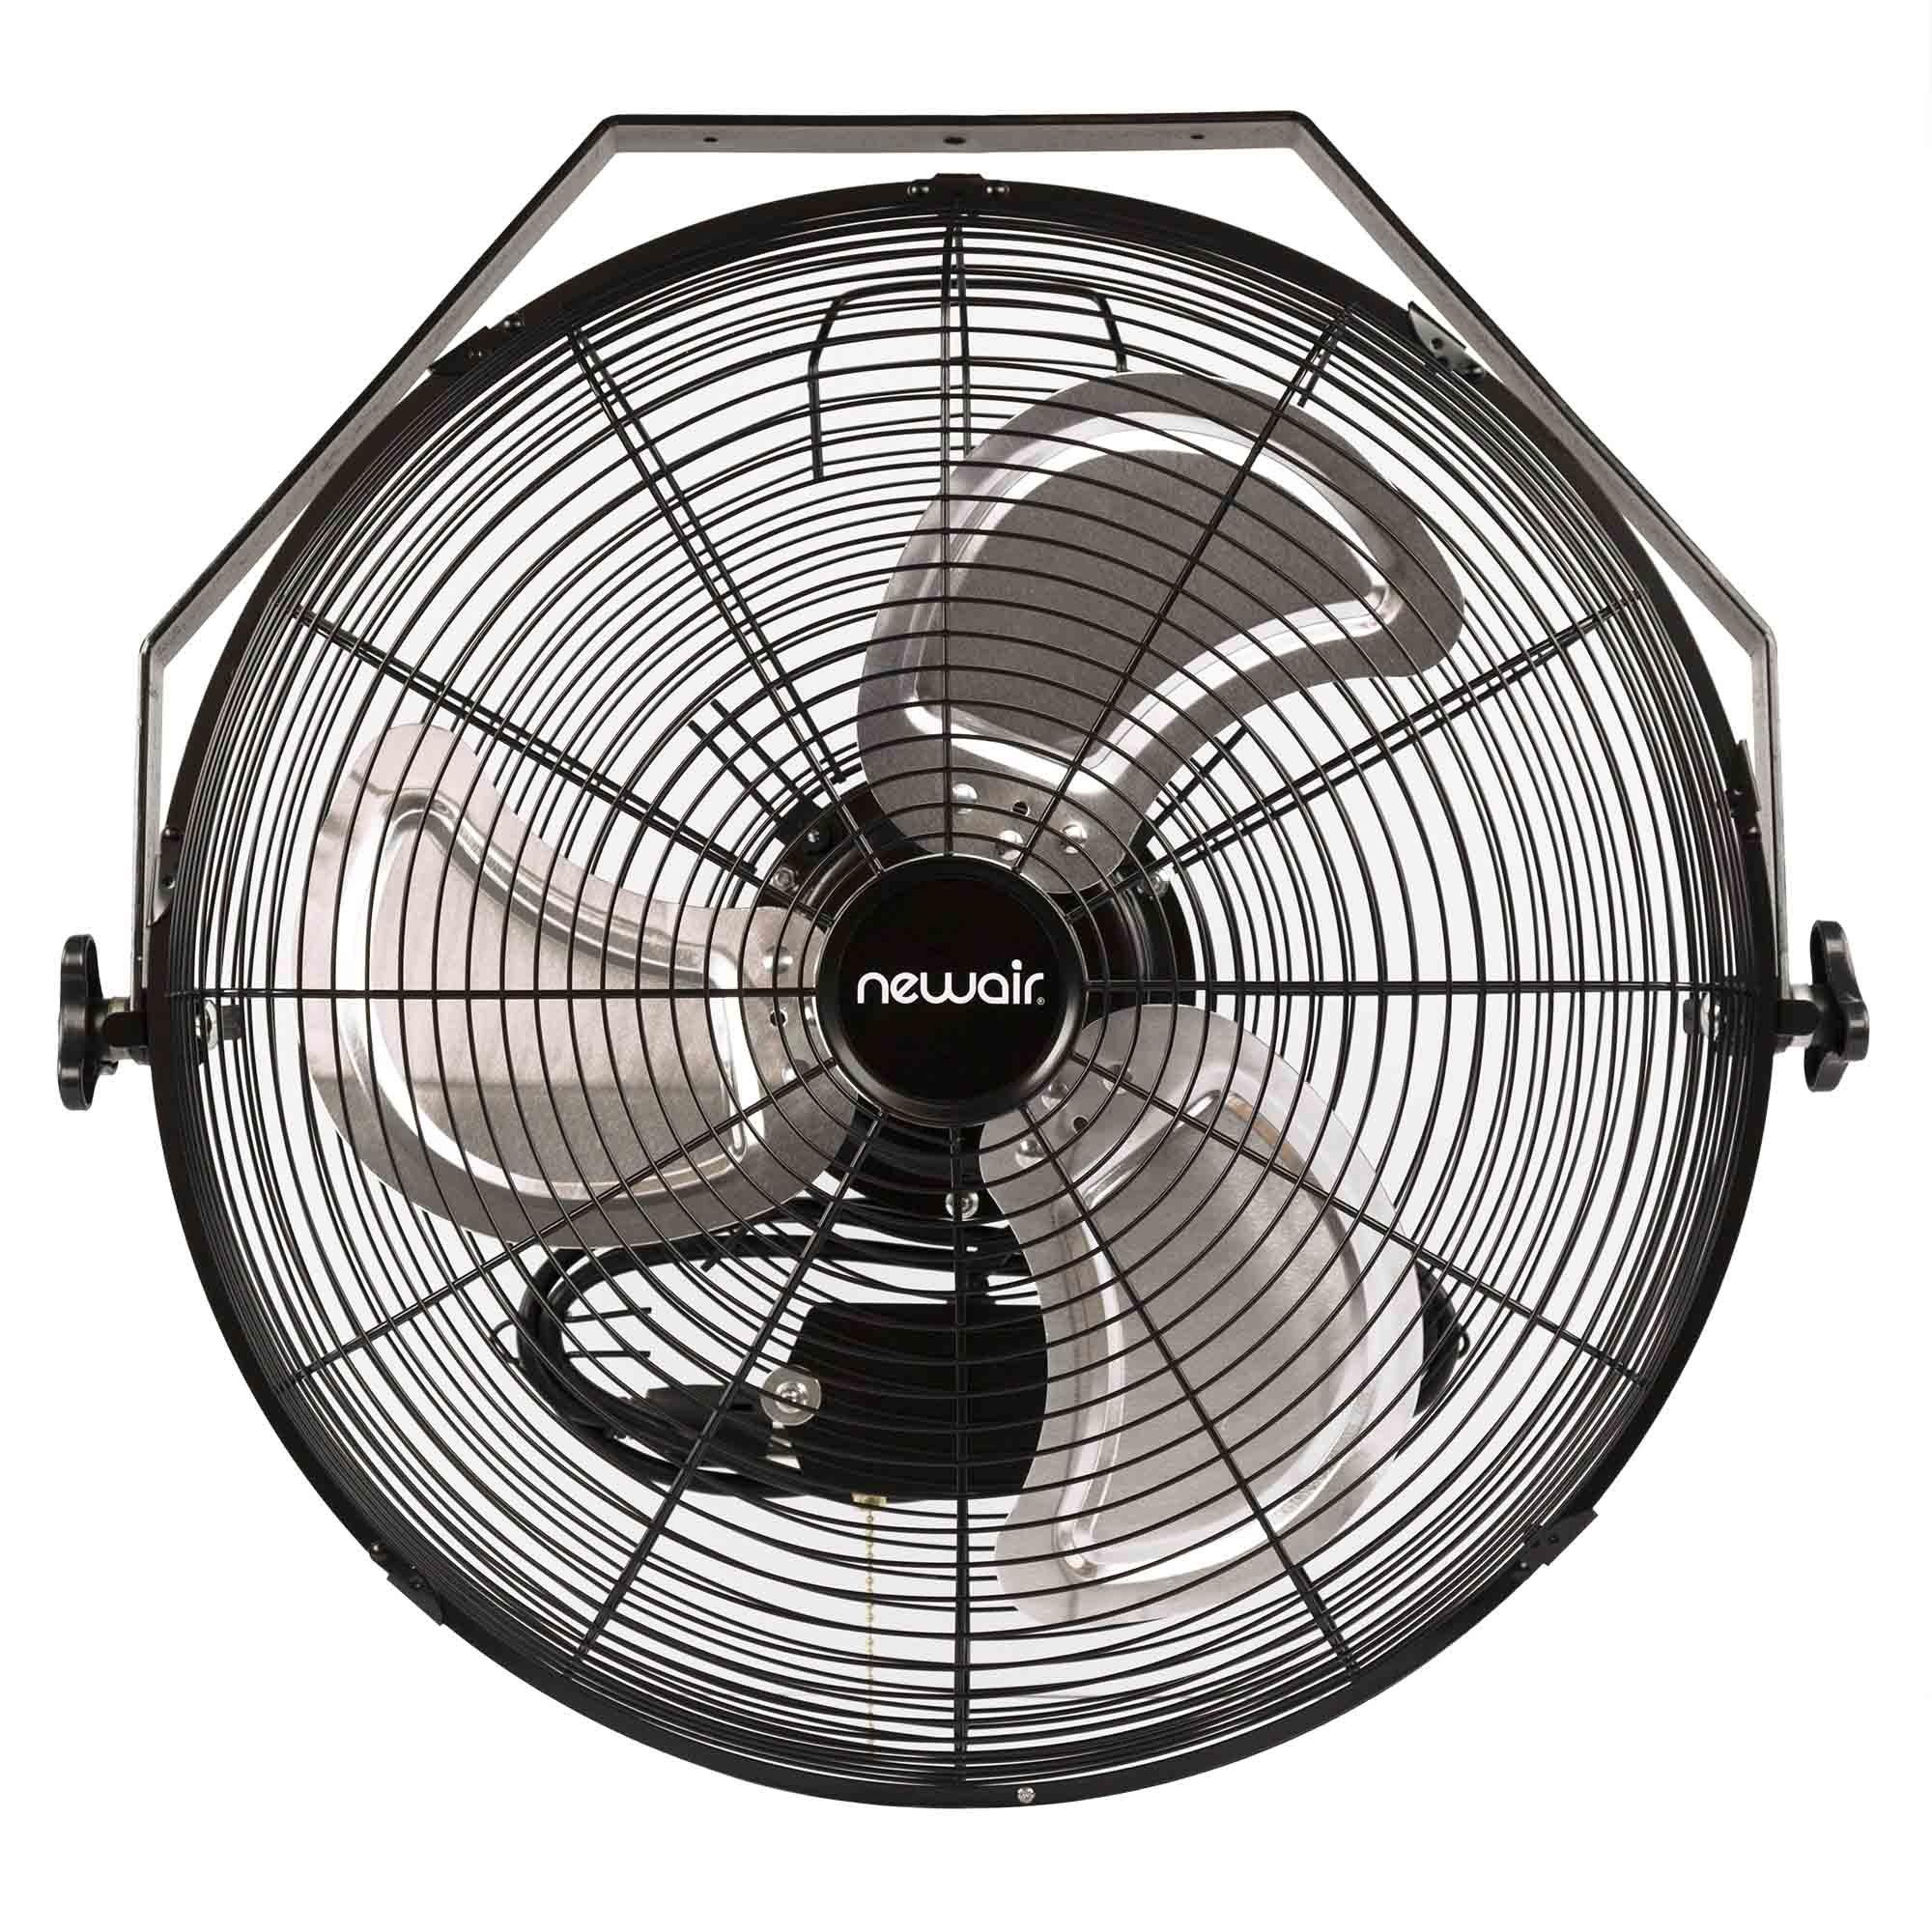 NewAir Wall Mount Fan, 18'' High Velocity Industrial Shop Fan with 3 Speed Settings, WindPro18W by NewAir